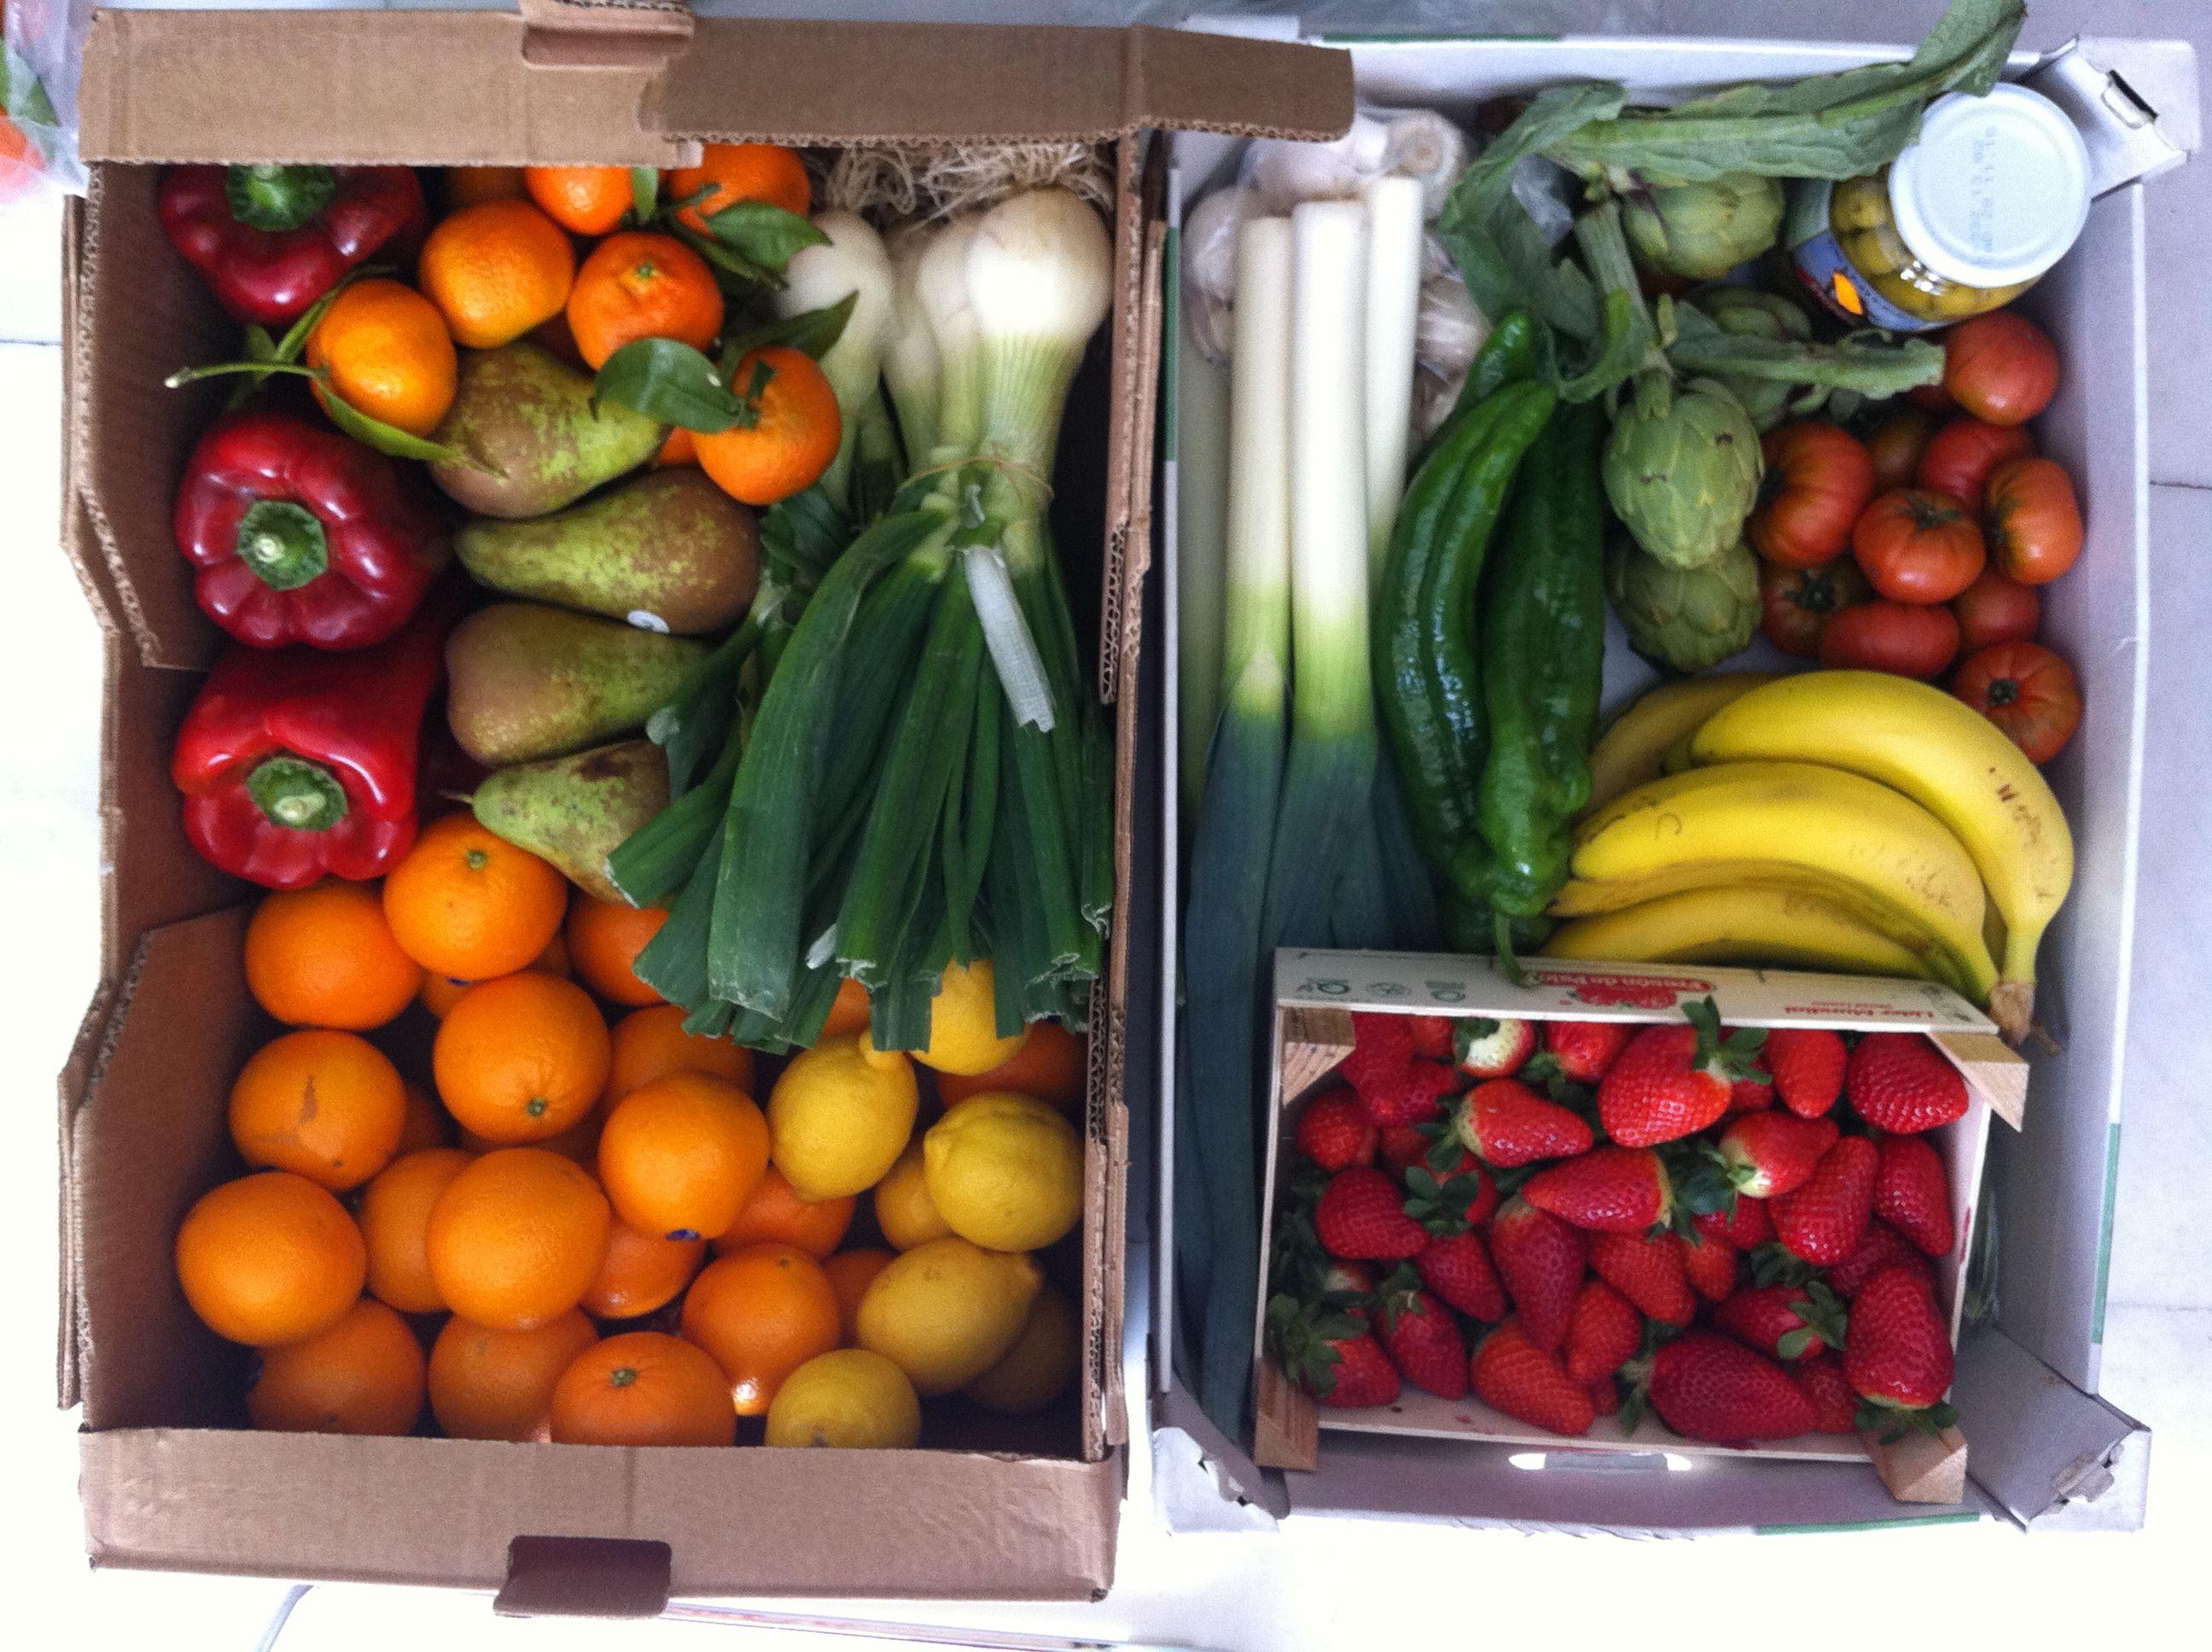 Spanish food: The Mediterranean Diet